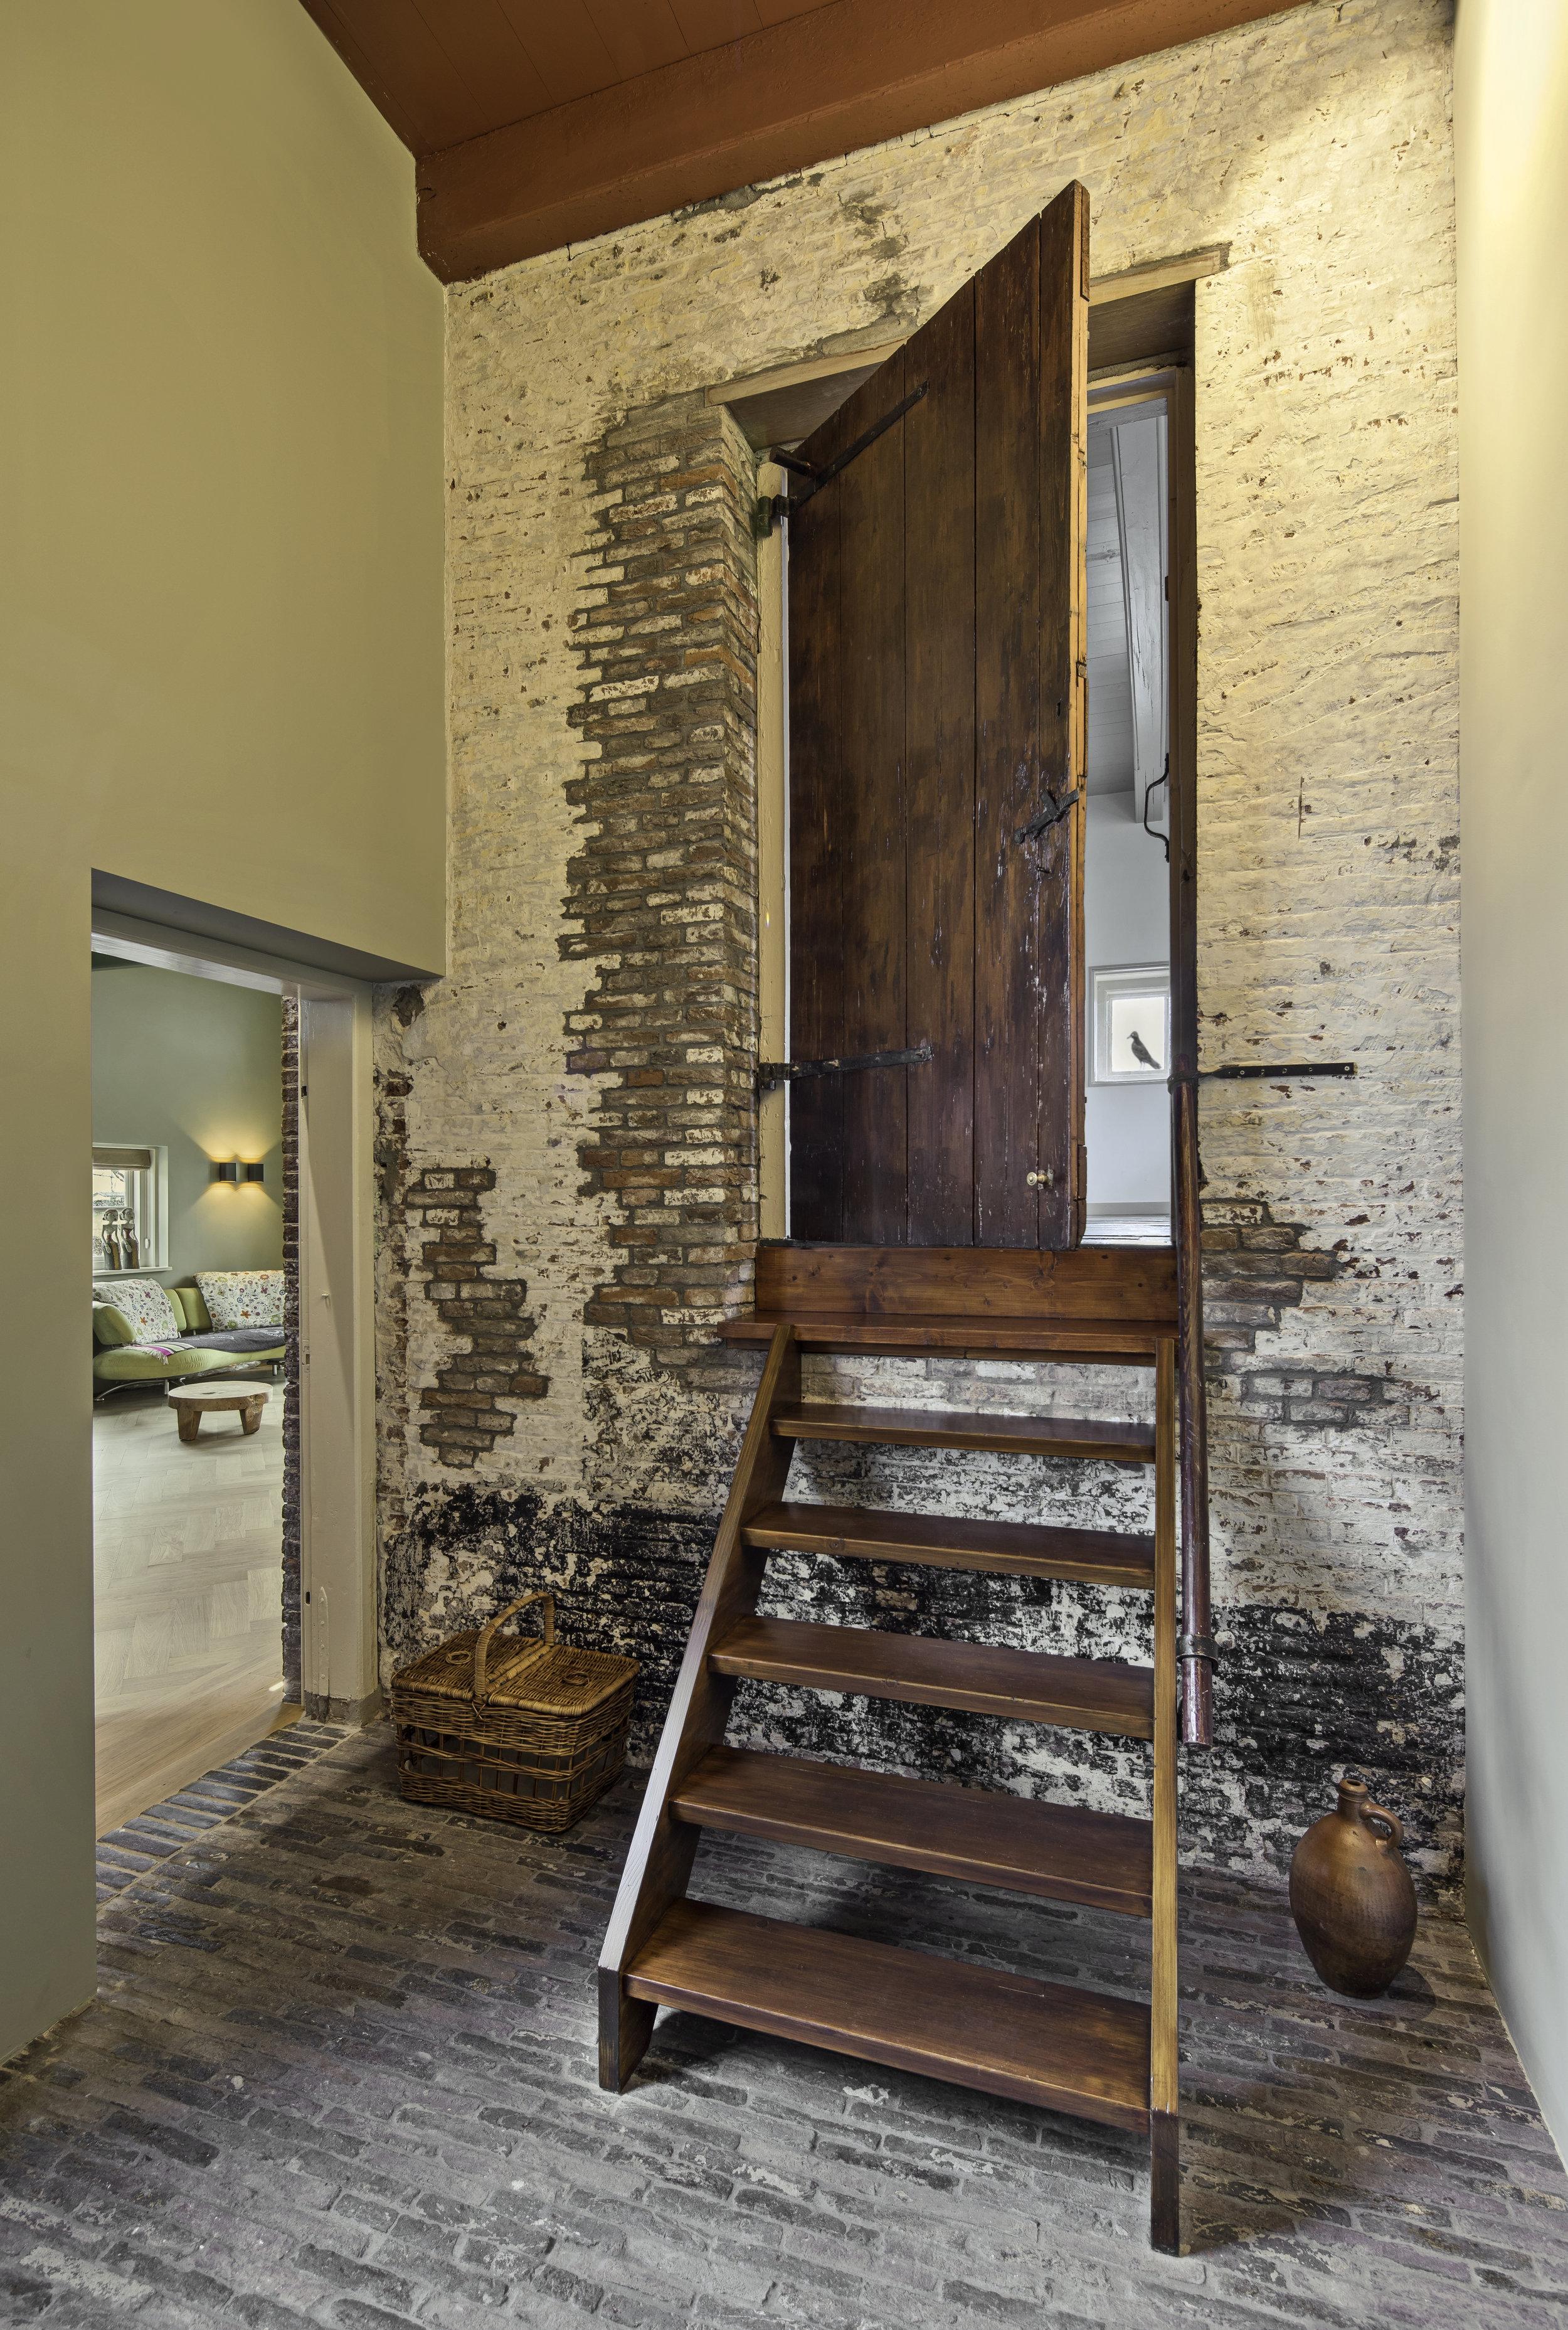 Oude deur opkamer koetshuis